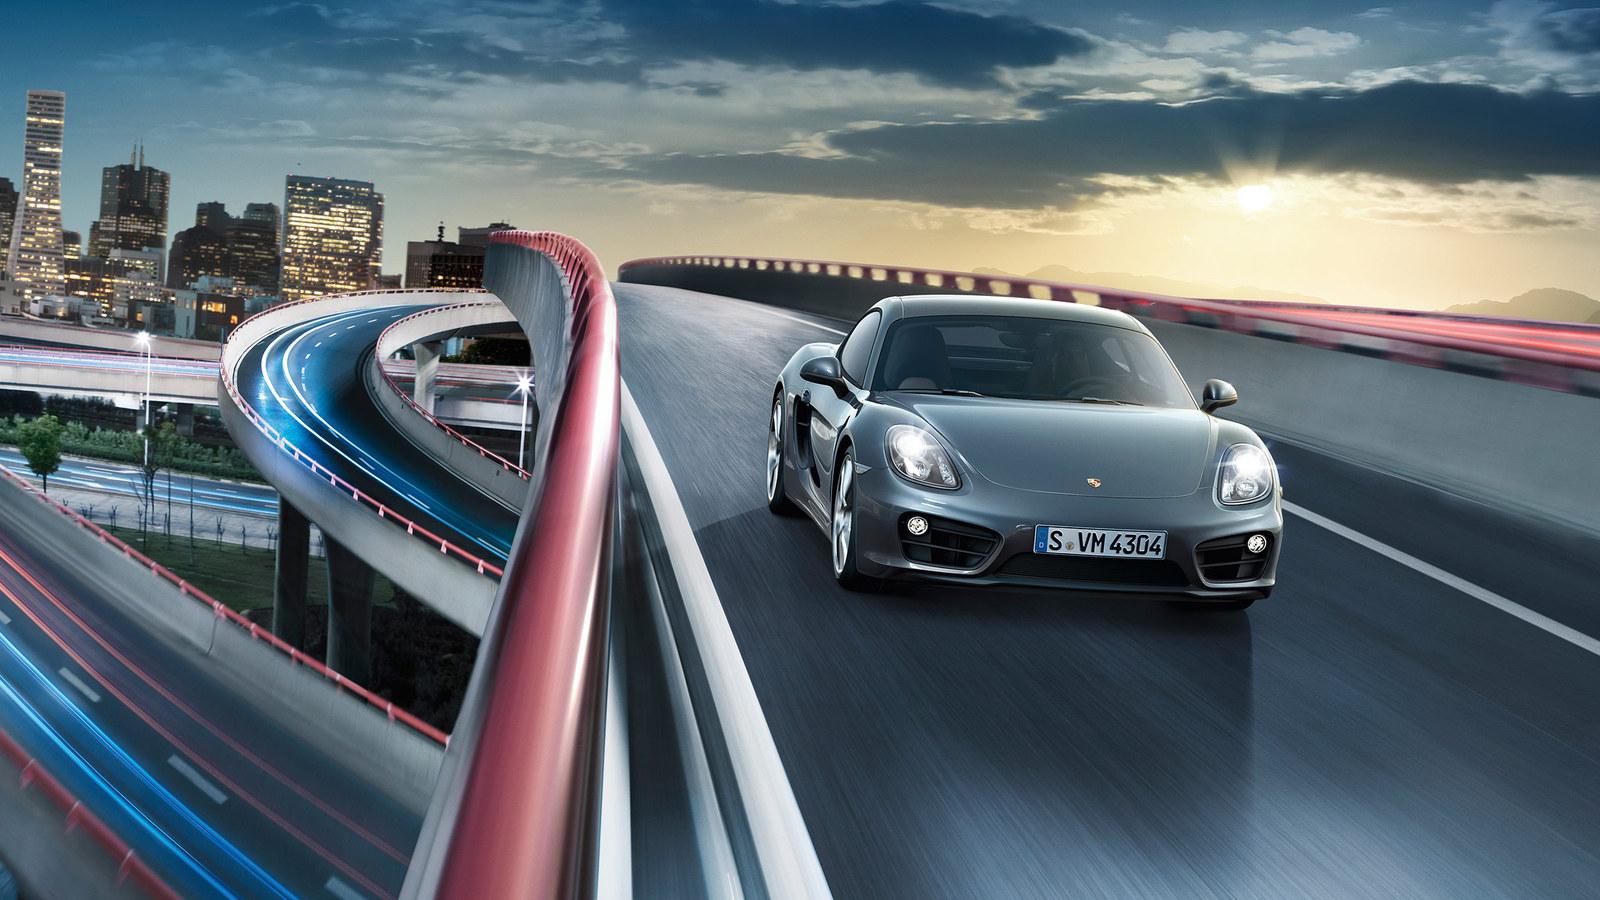 Porsche Cayman © Dr. Ing. h.c. F. Porsche AG